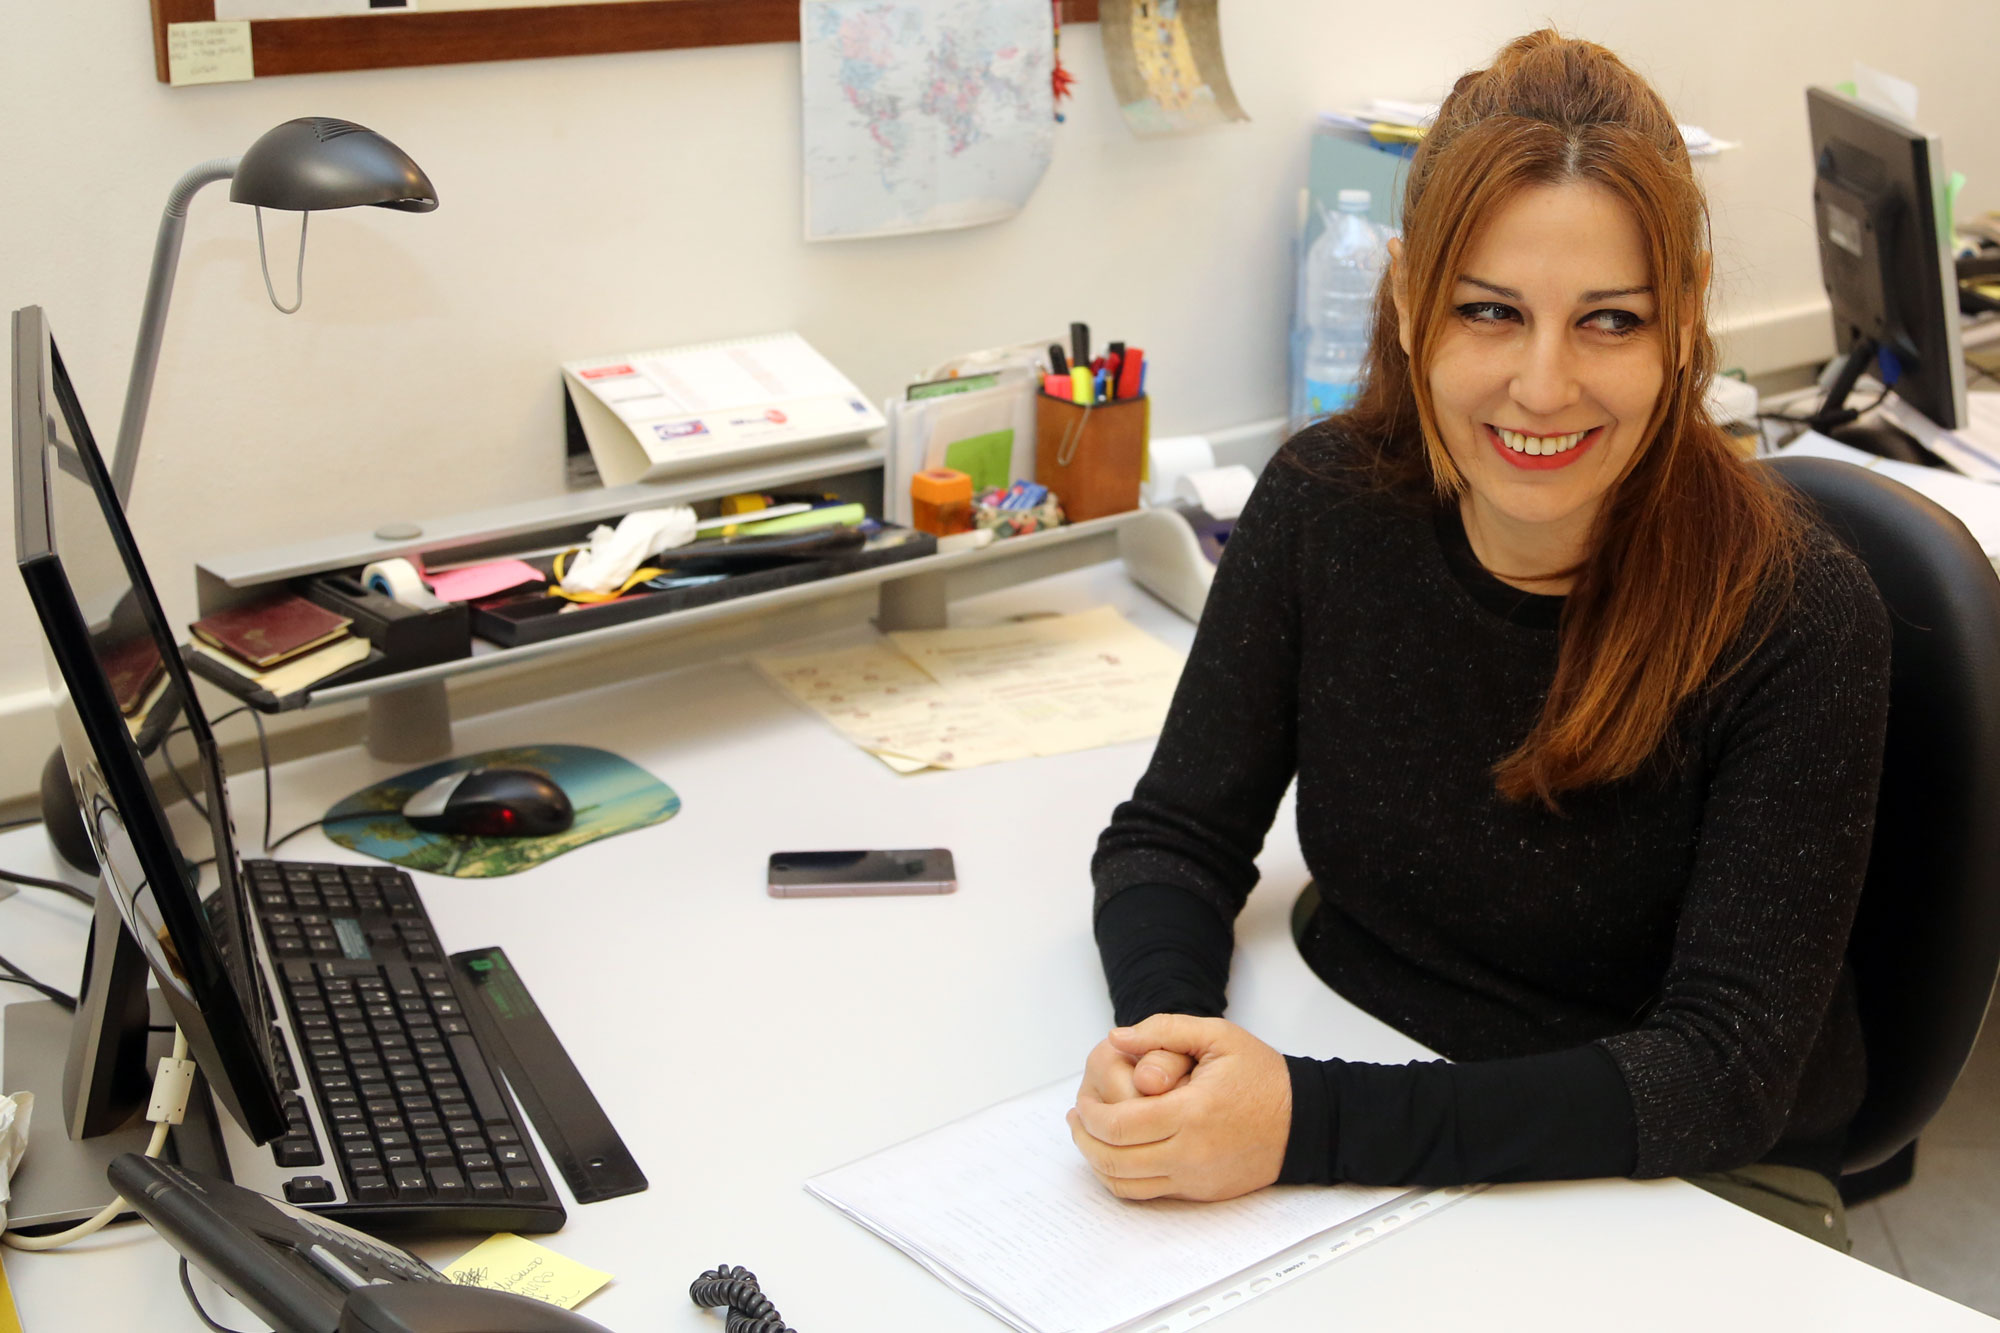 Silvia Papini